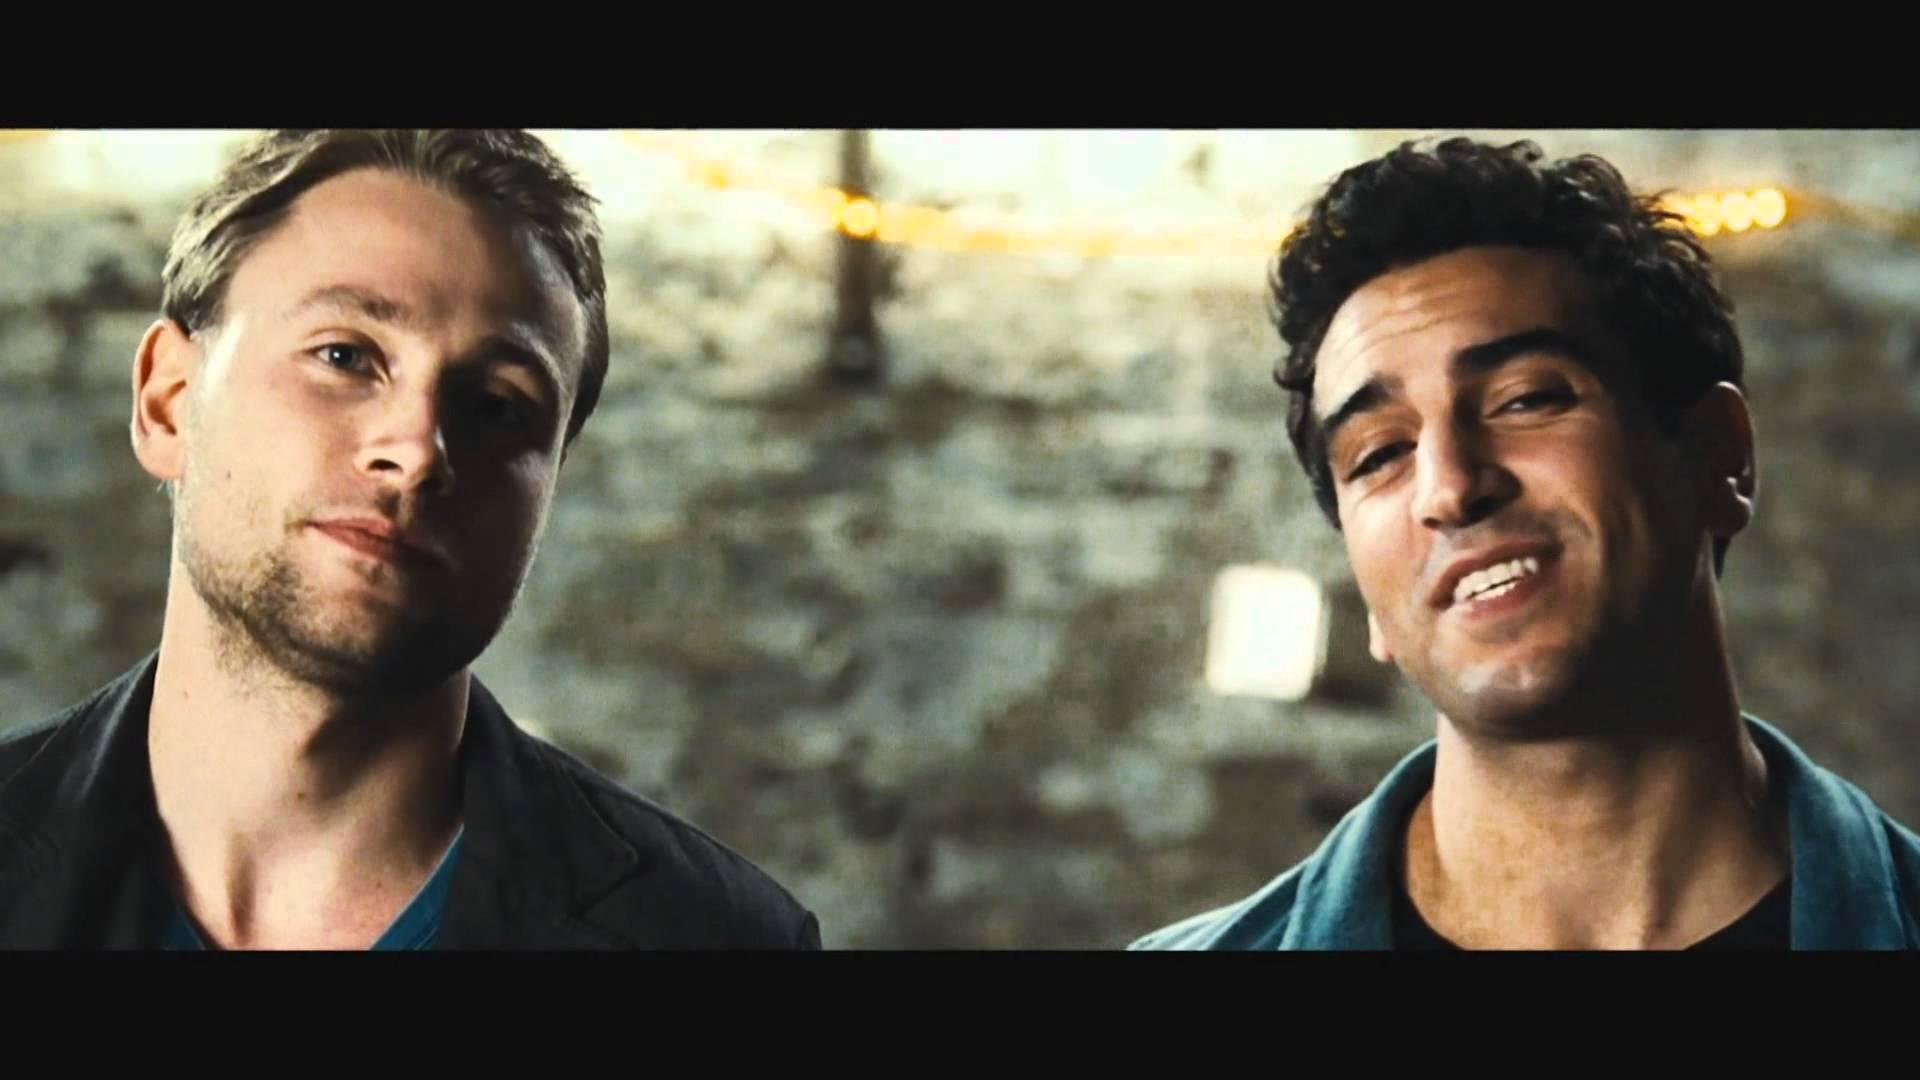 Heiter bis Wolkig Trailer deutsch HD - Kino Trailer german - 2012